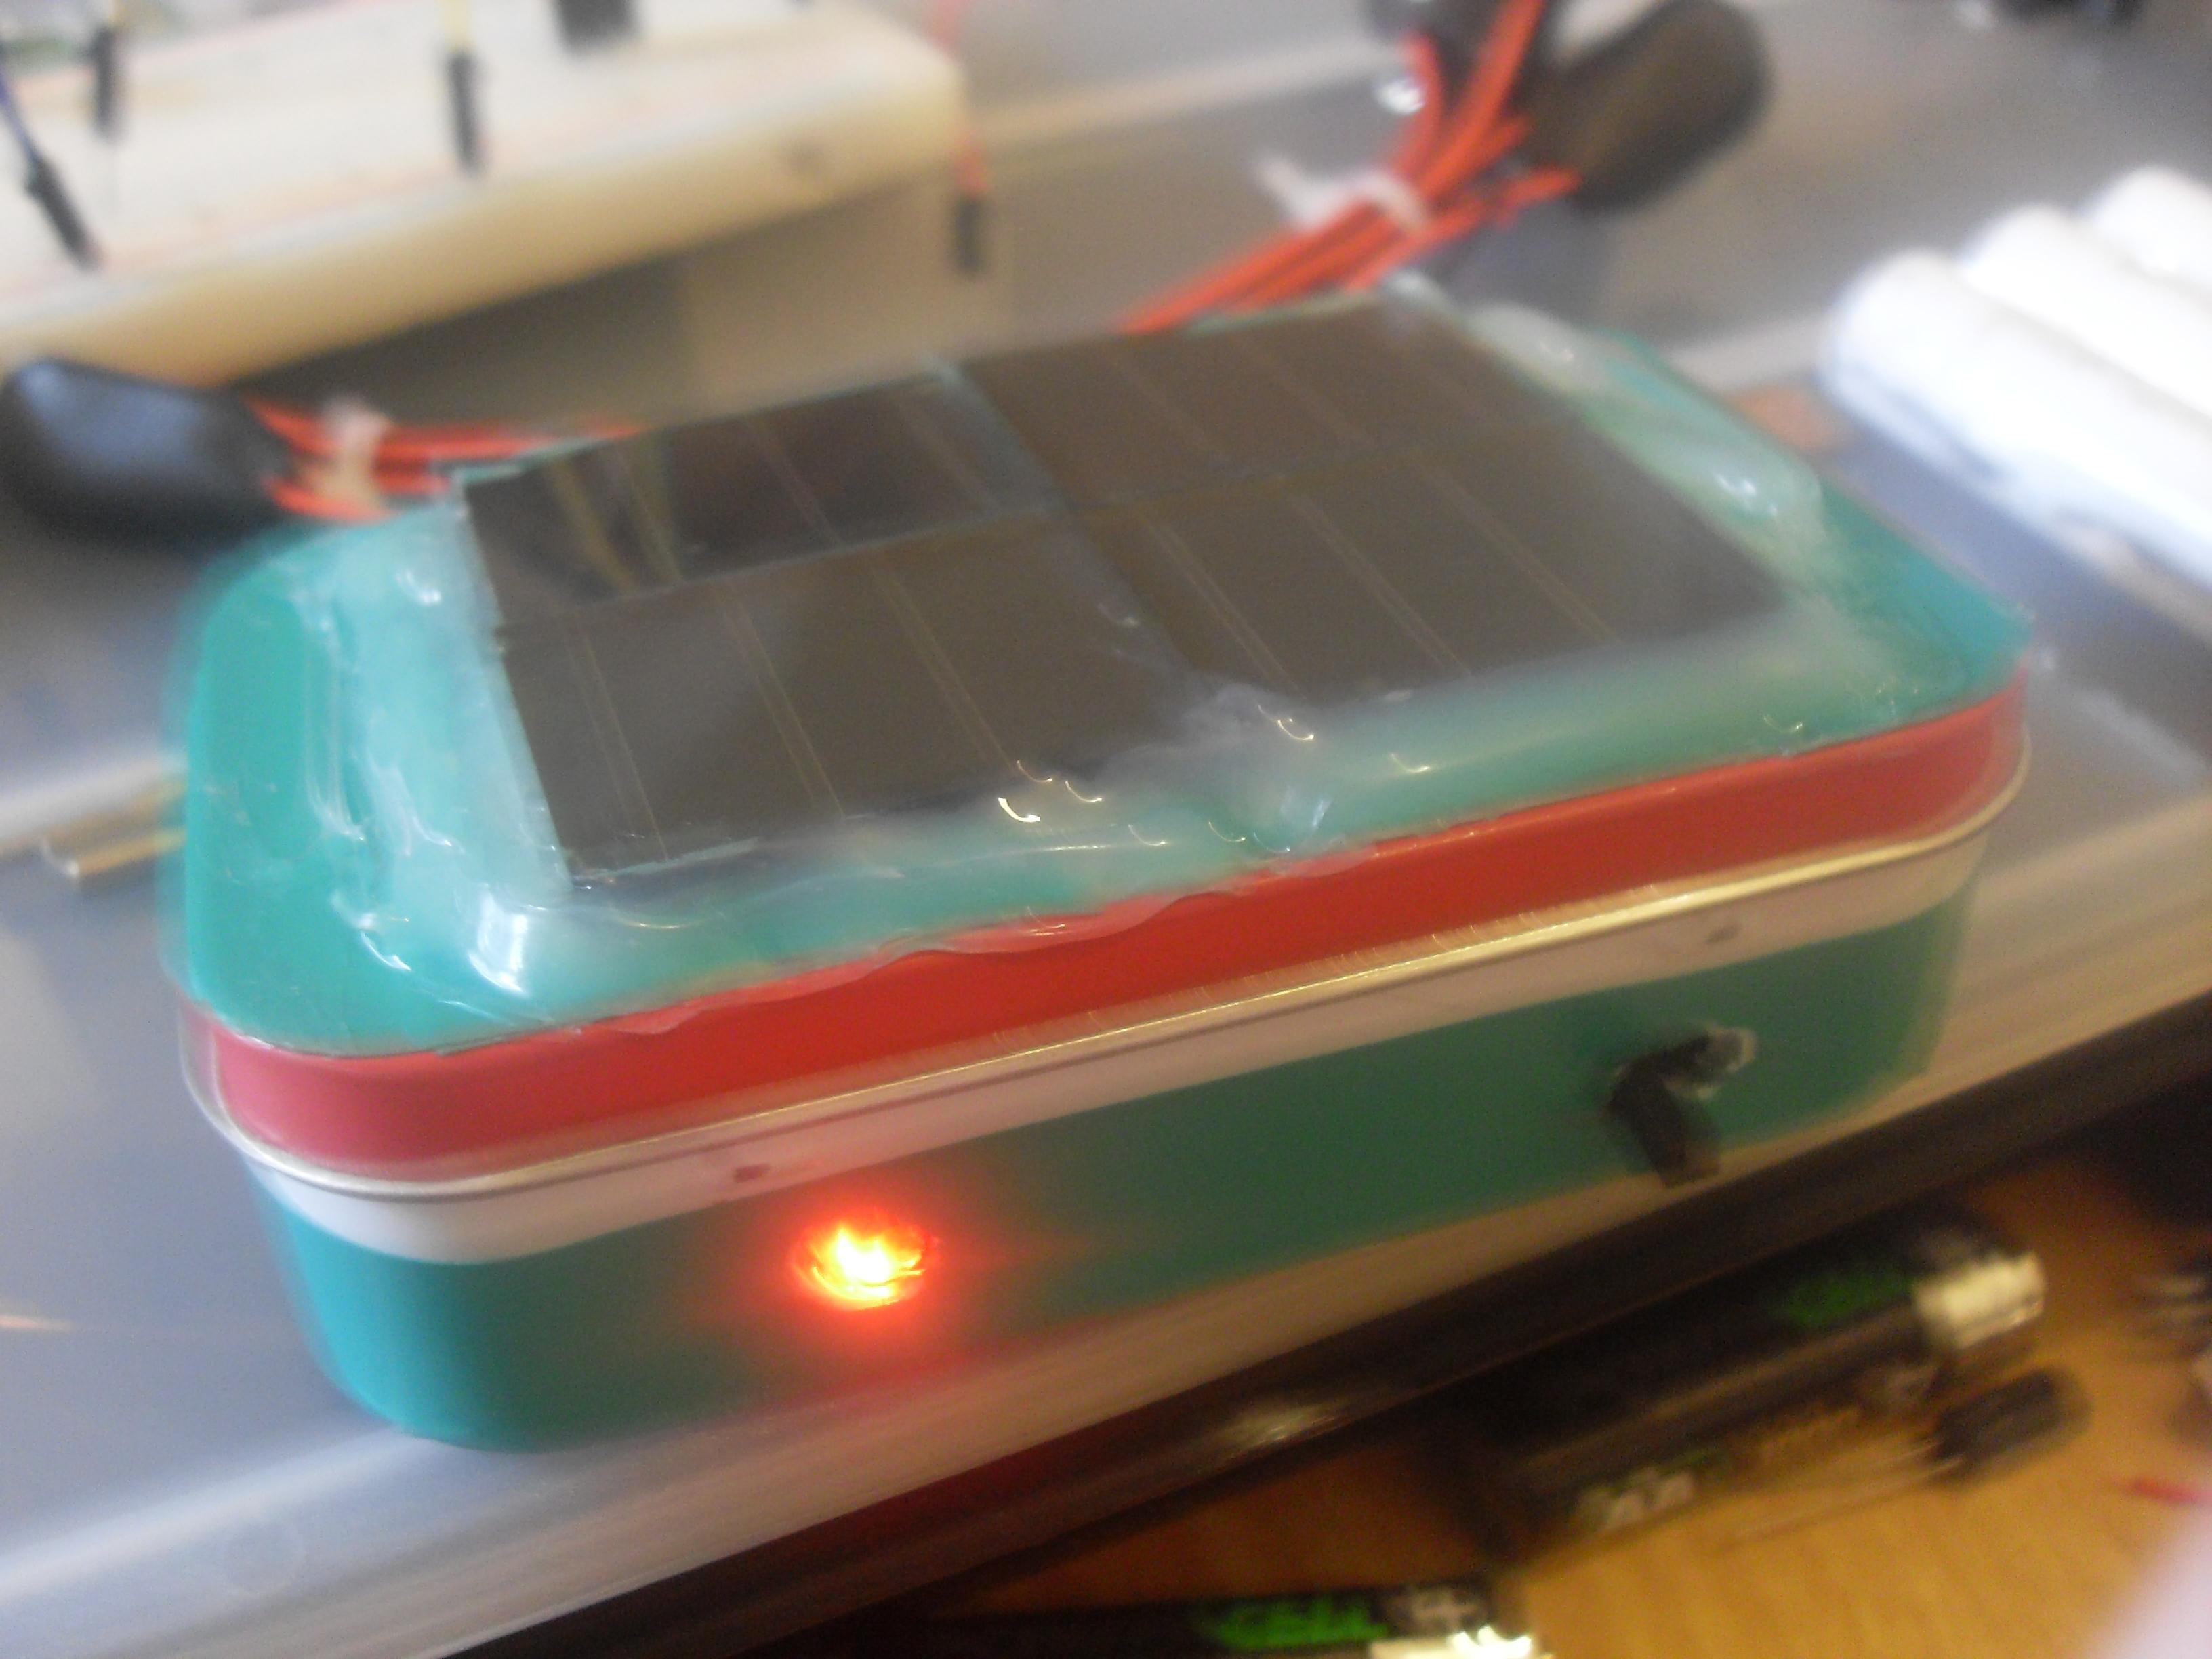 Altoids Solar powered emergency device - ATtiny 85